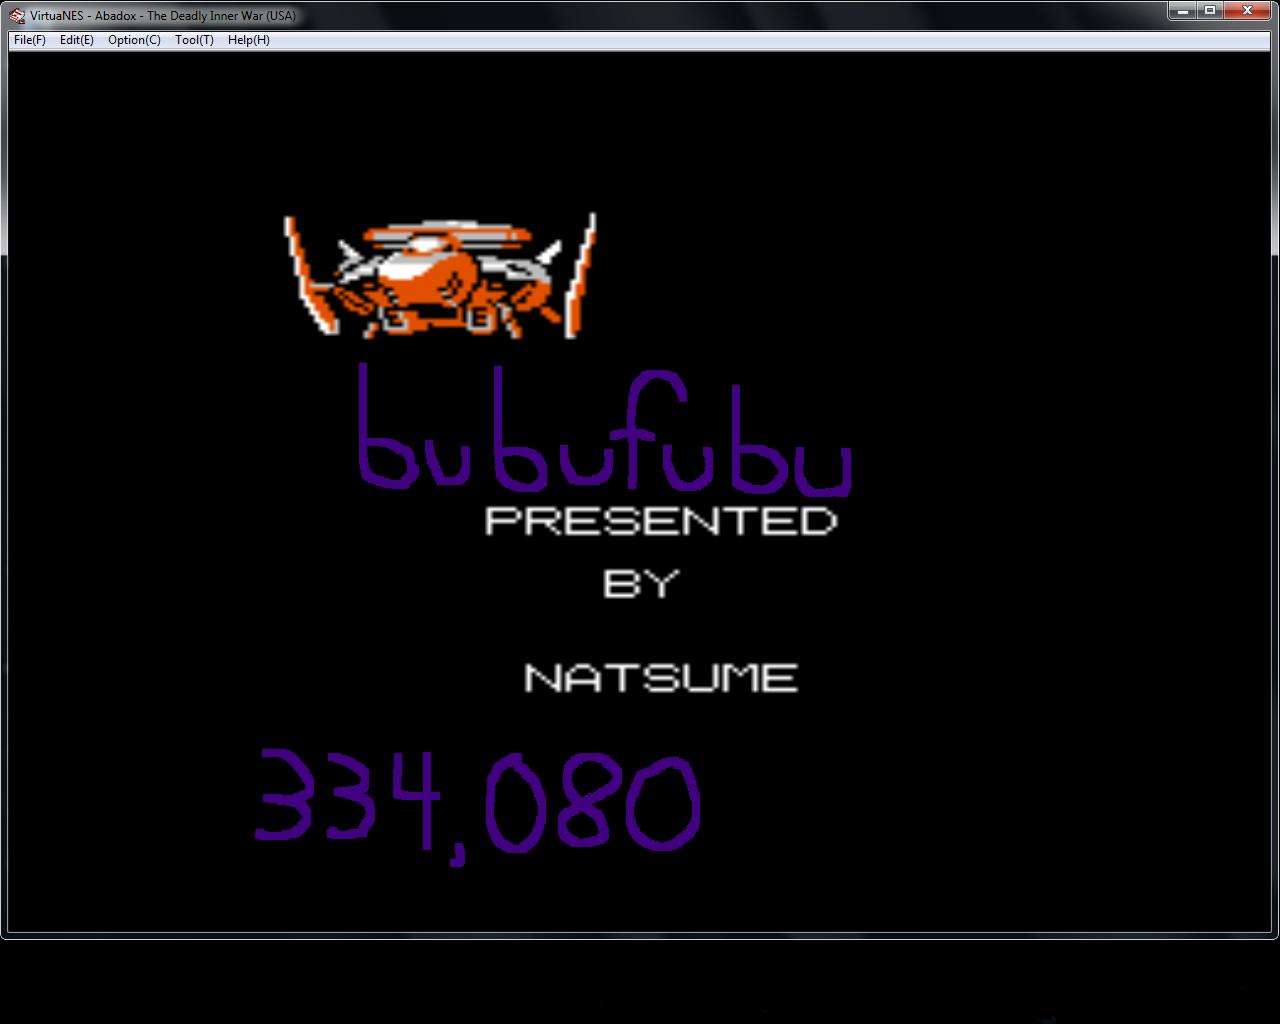 bubufubu: Abadox (NES/Famicom Emulated) 334,080 points on 2015-02-24 21:00:32